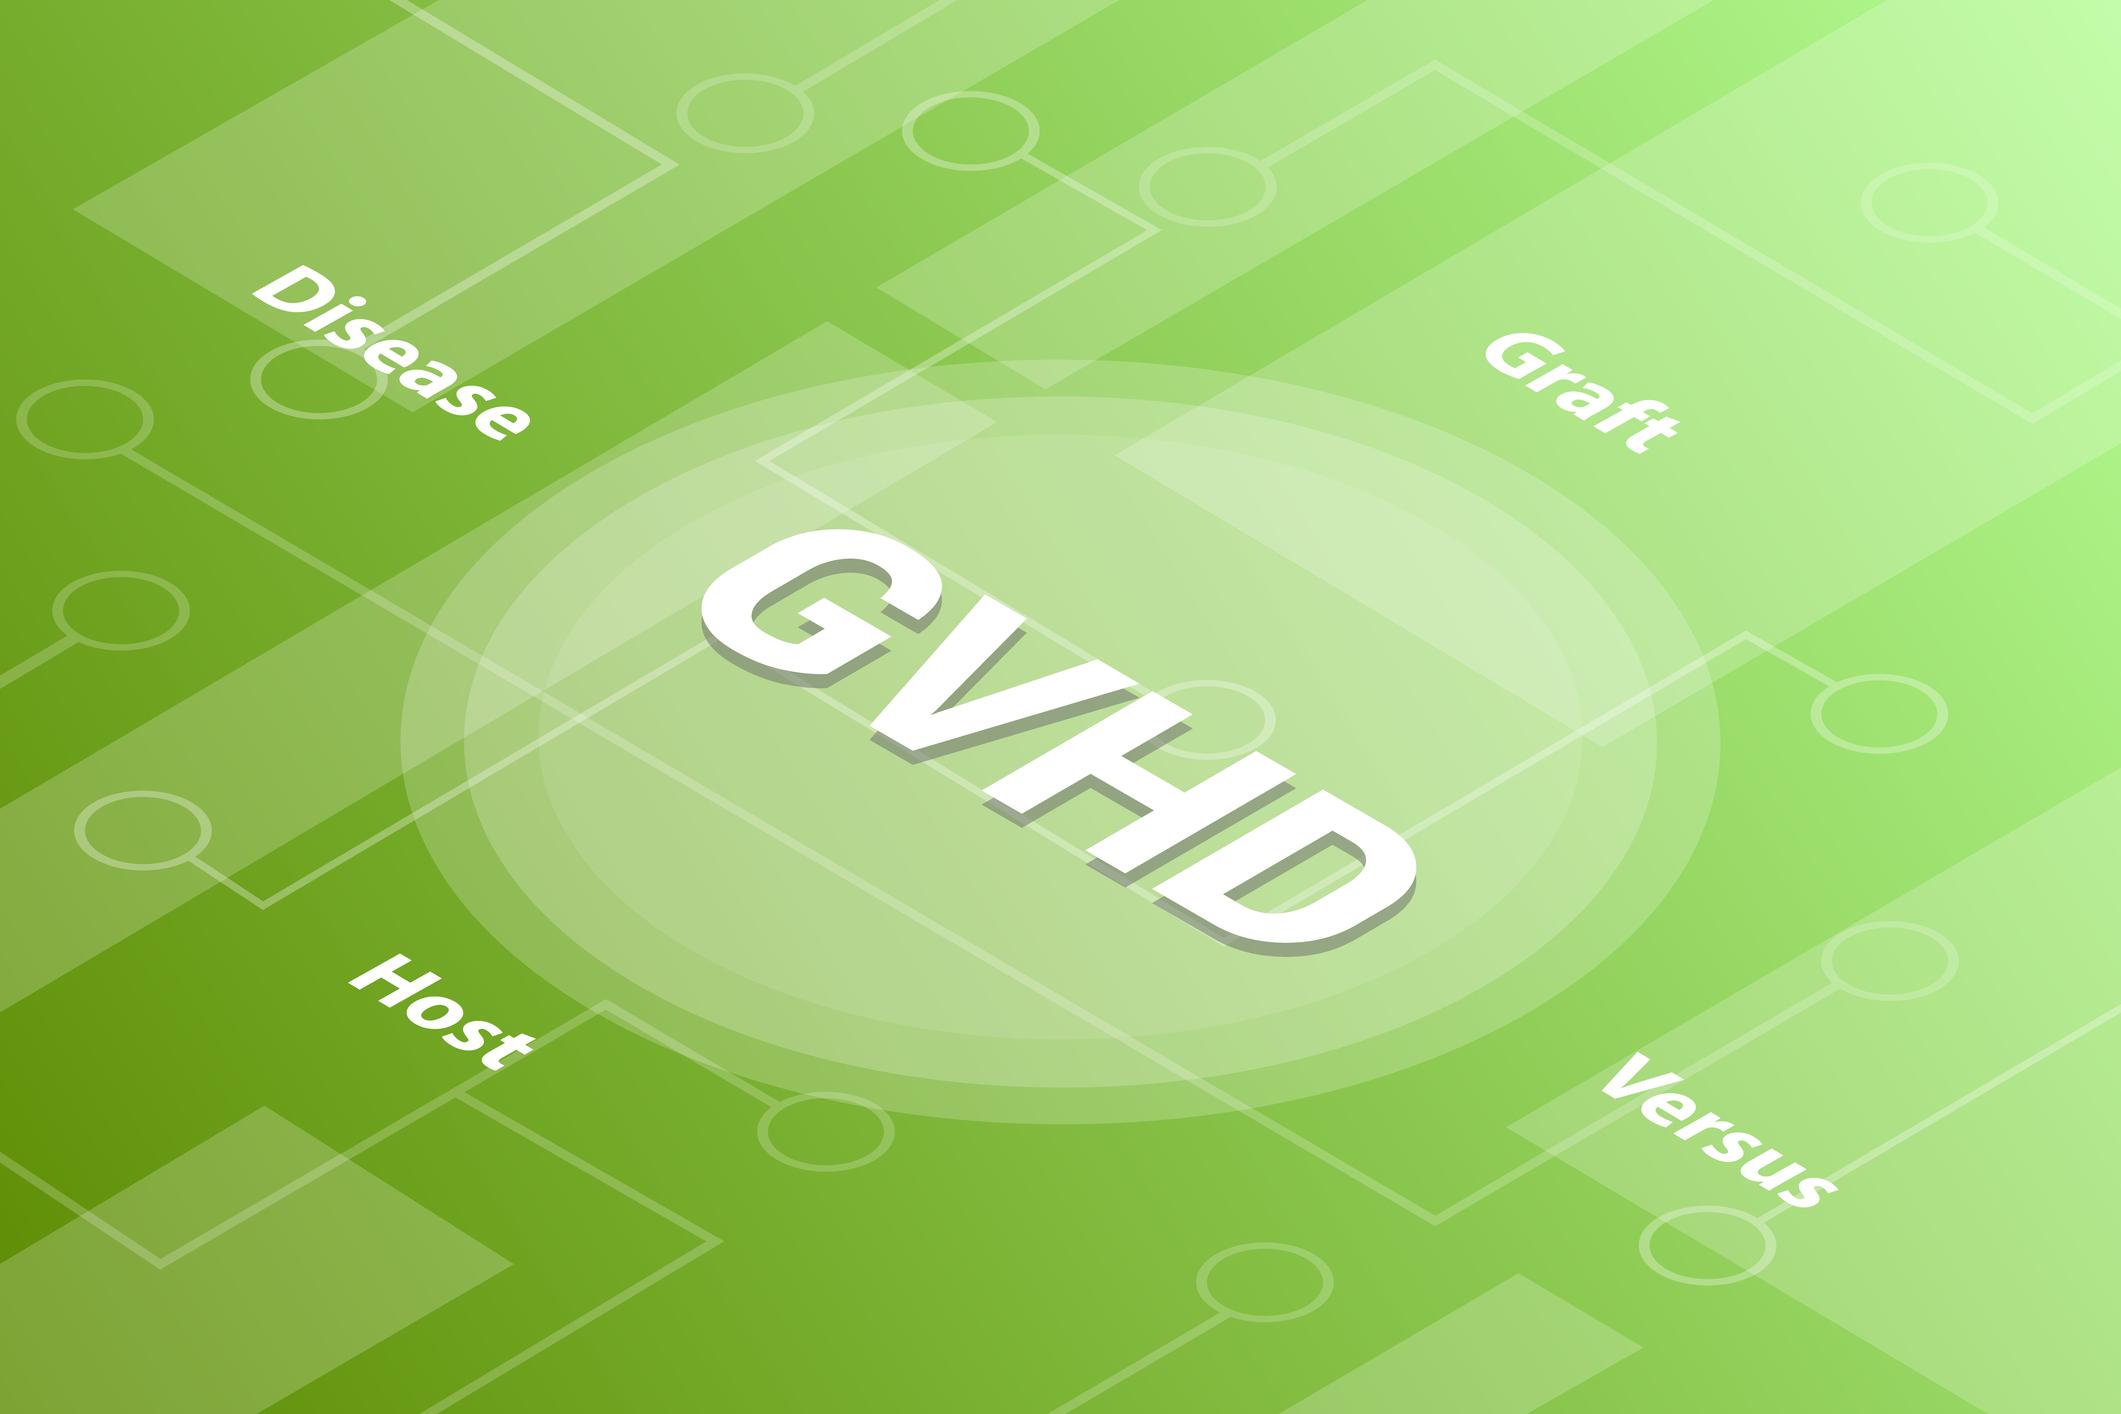 νόσος μοσχεύματος έναντι του ξενιστή (GvHD)